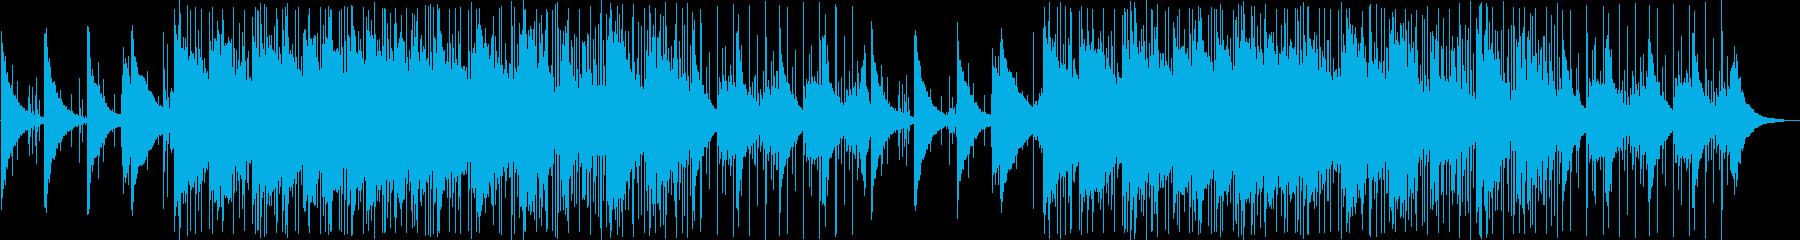 ゆったりとしたバンドアンサンブの再生済みの波形